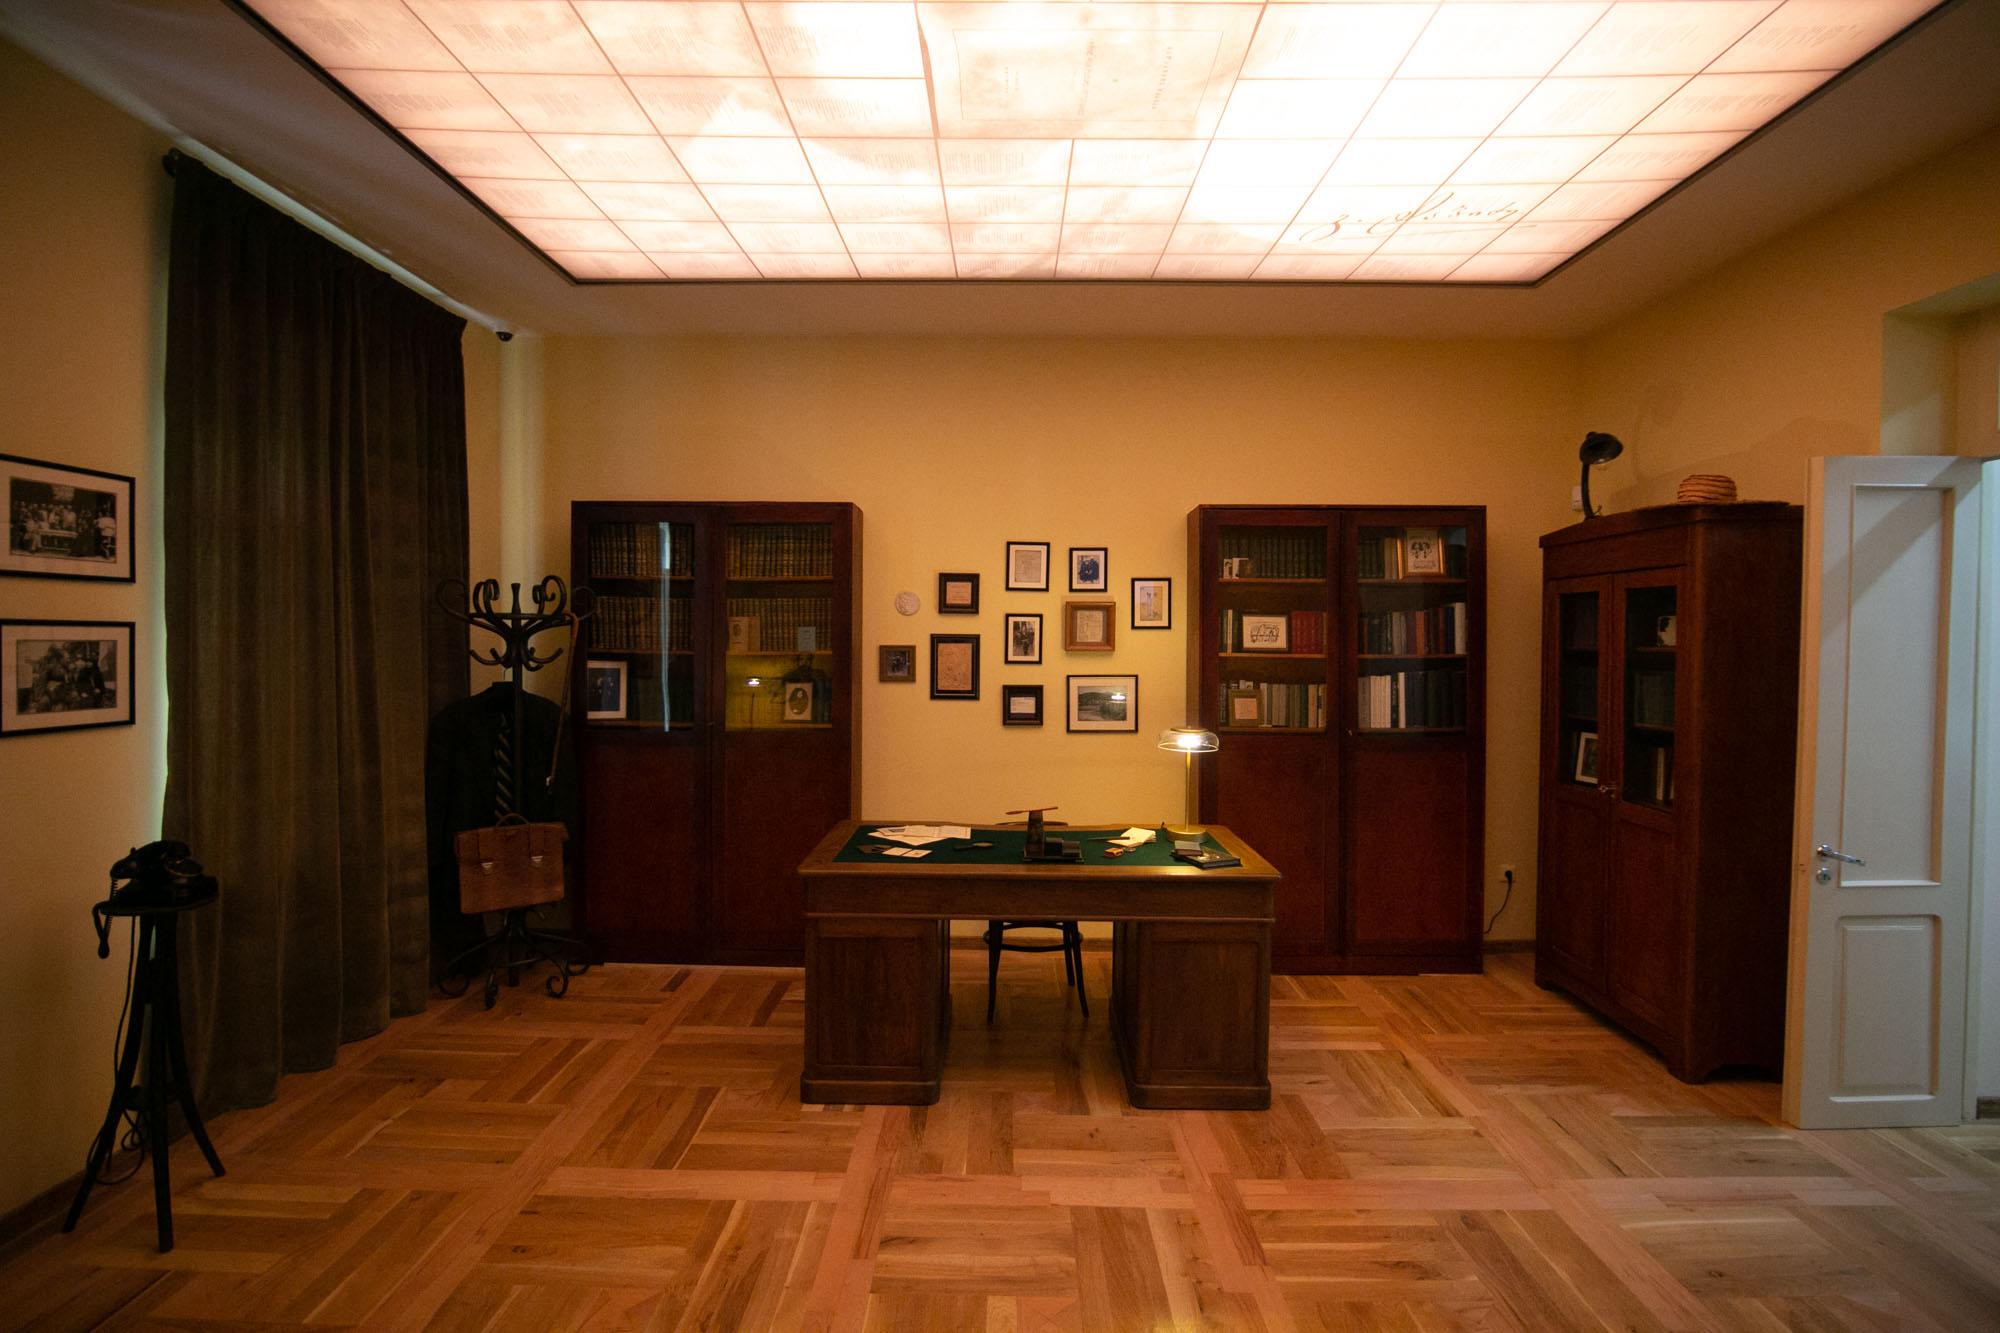 გალაკტიონ ტაბიძის მემორიალური ბინა-მუზეუმი